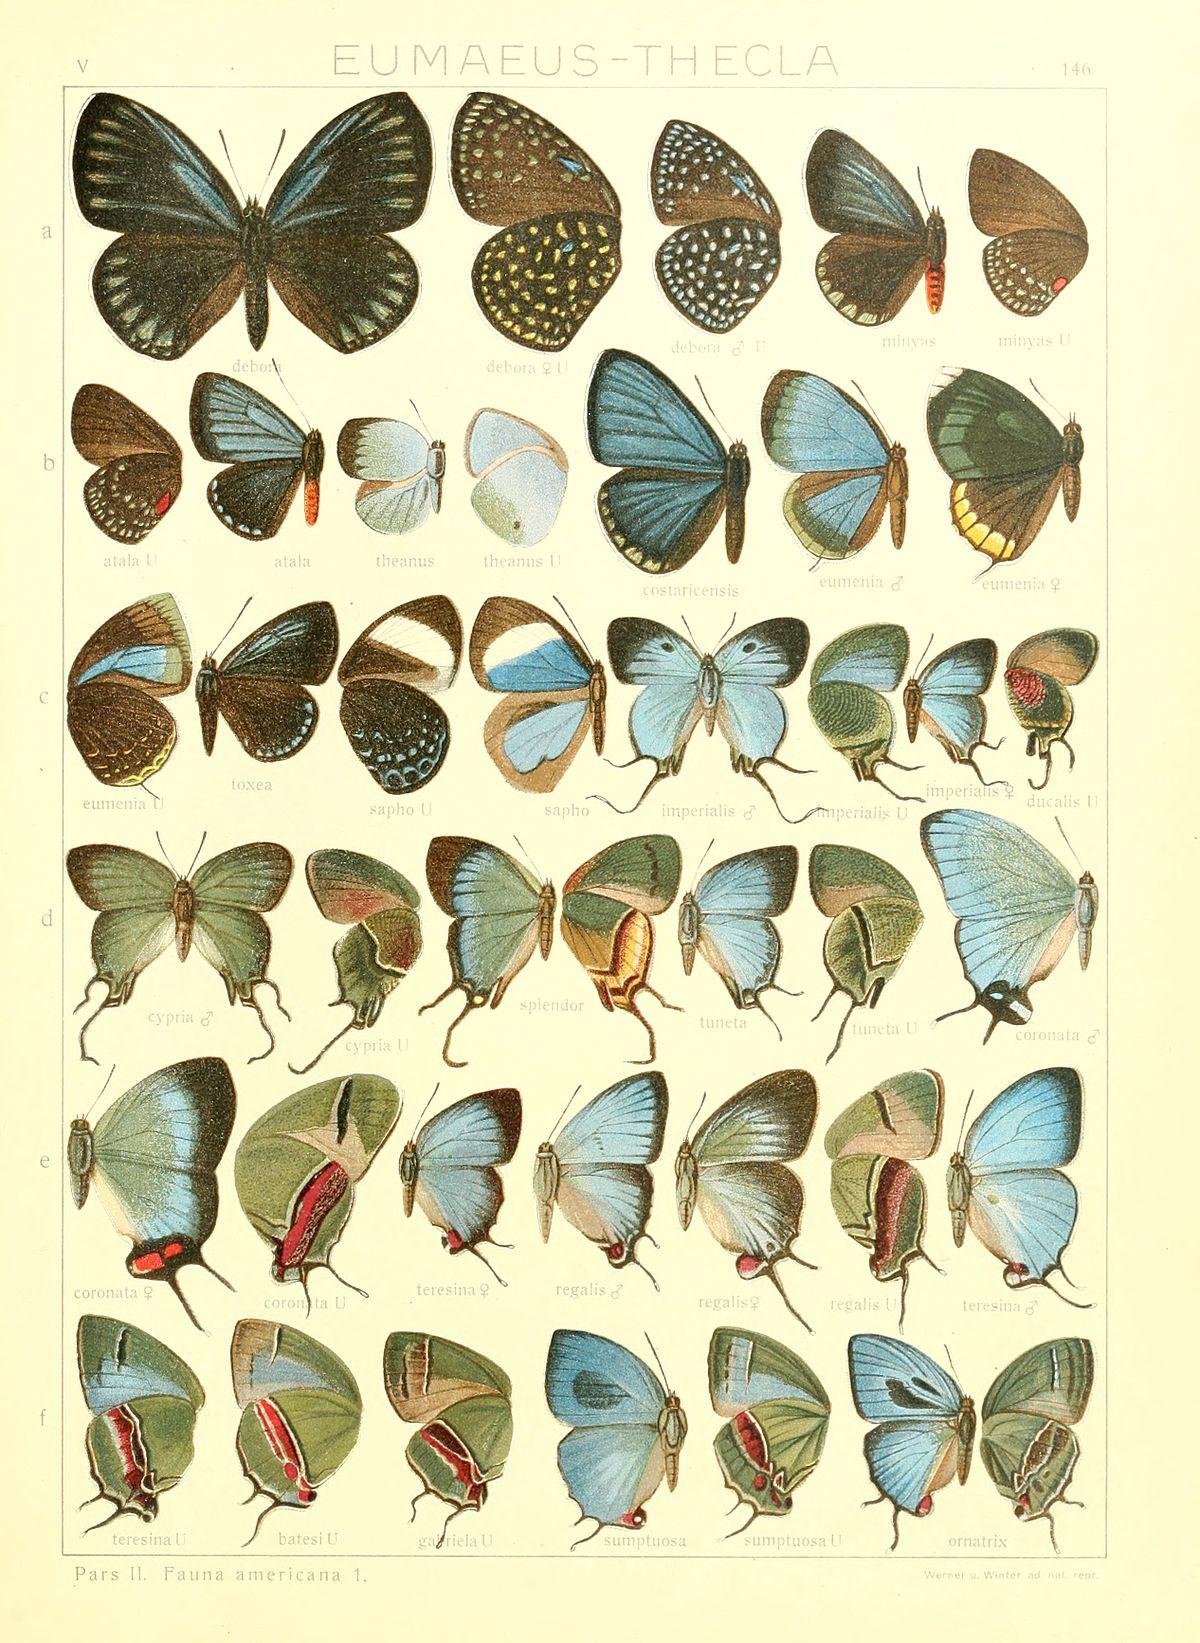 arcas butterfly wikipedia